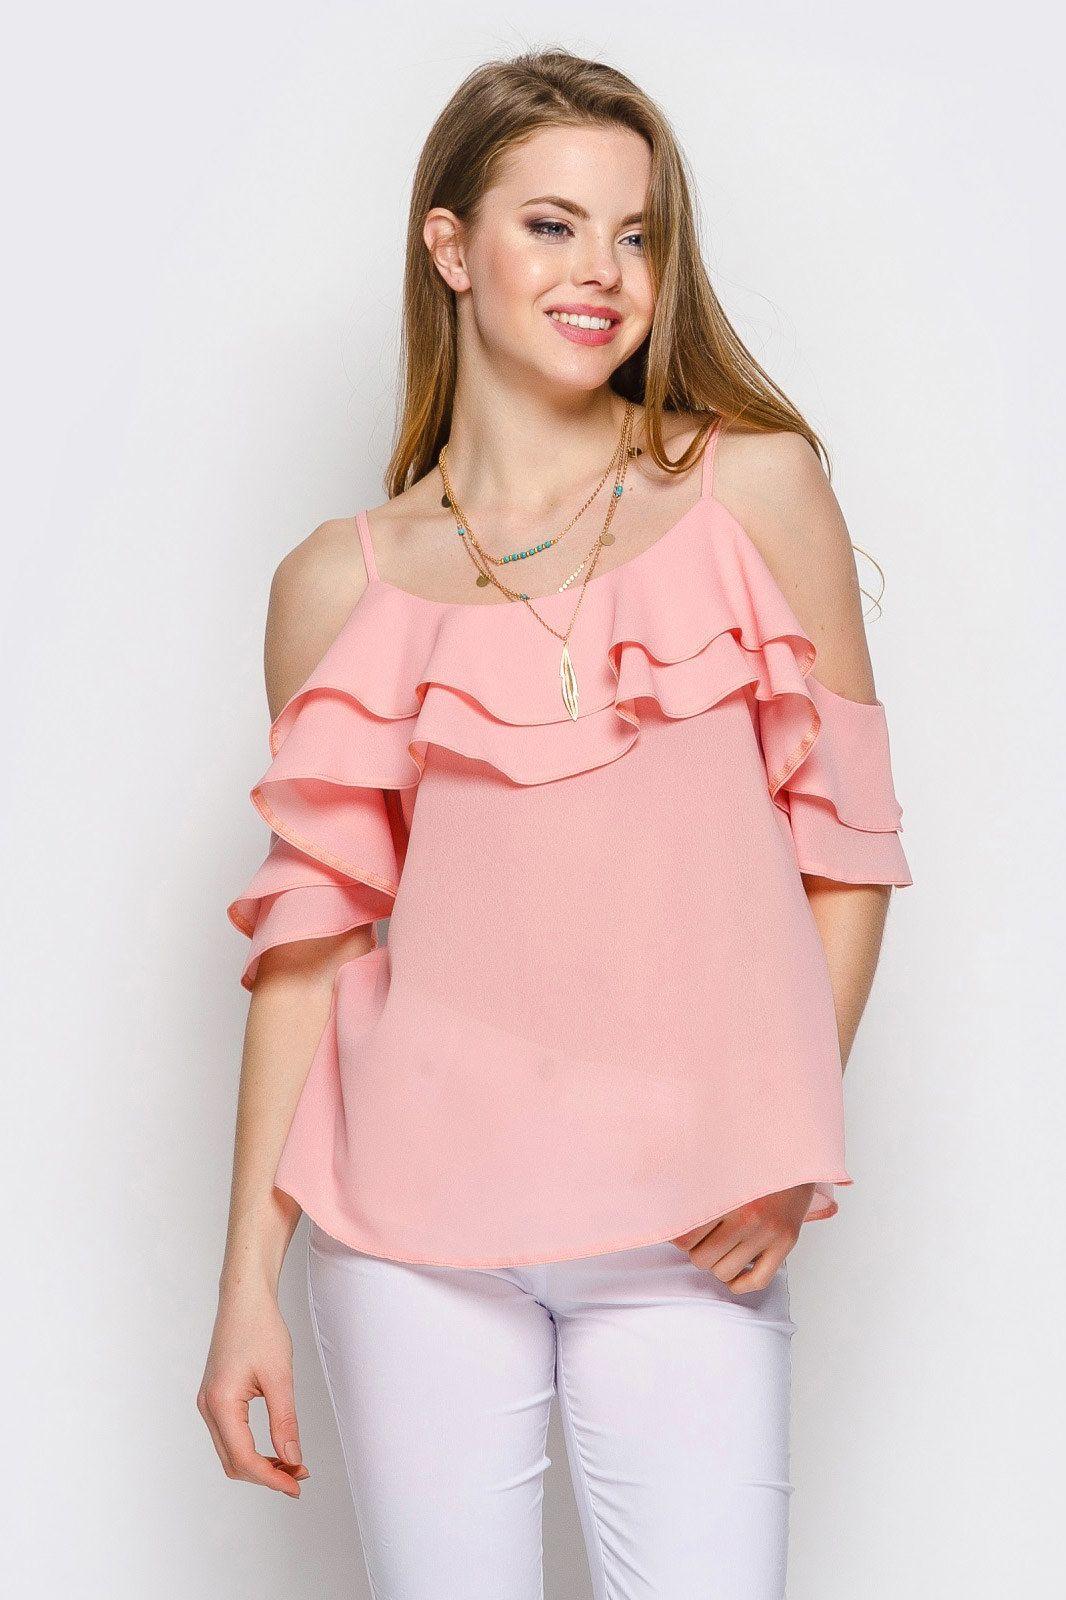 b8965c156ab Блузы с открытыми плечами – новинка весны 2018. Фасон с воланами